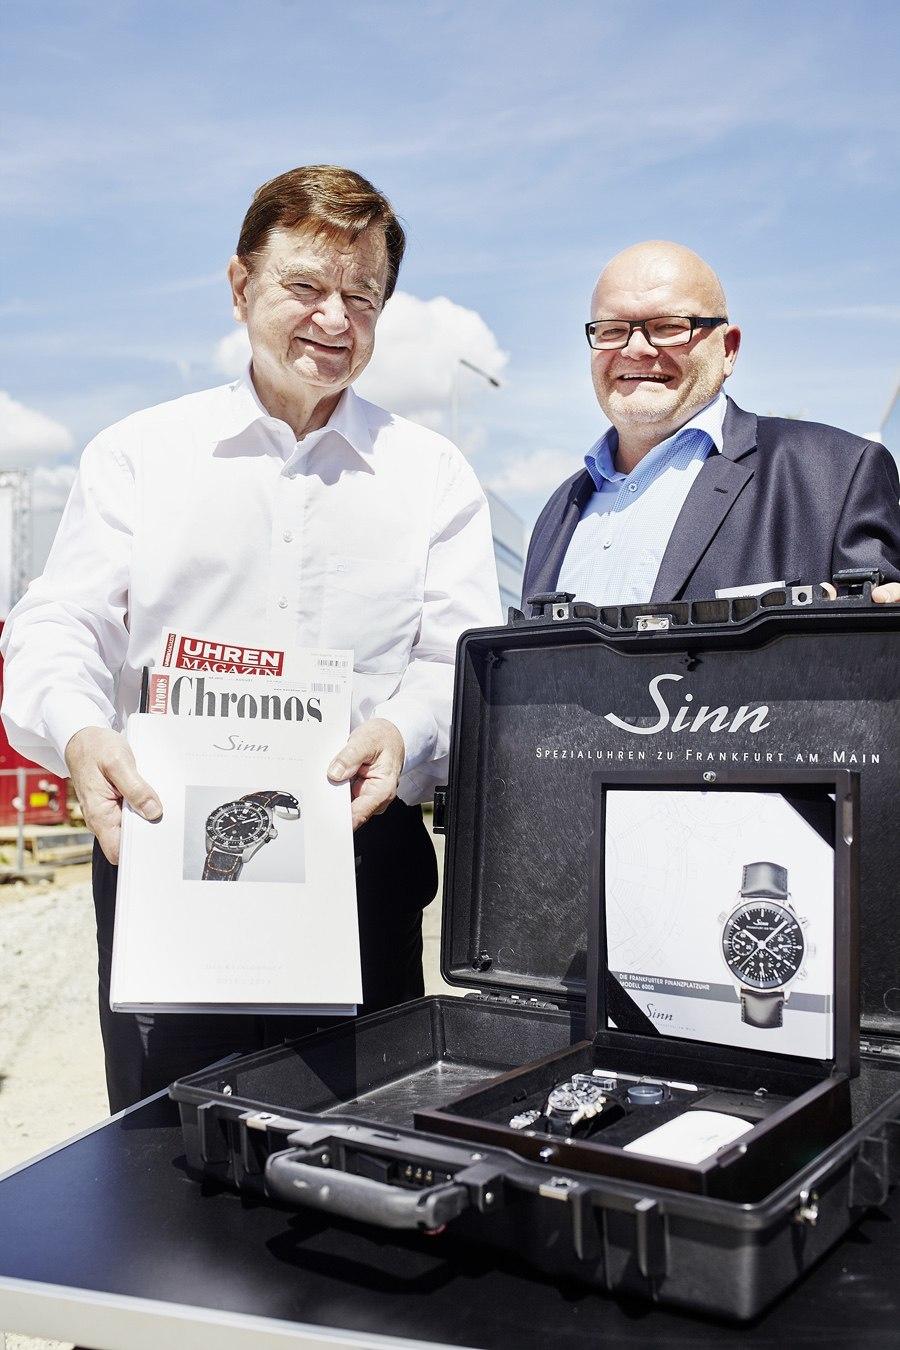 Dipl.-Ing. Lothar Schmid, Geschäftsführer und Inhaber von Sinn (links), und Frank Wingerter, Vorstandsvorsitzender der Itasi AG, bestücken die Zeitkassette.